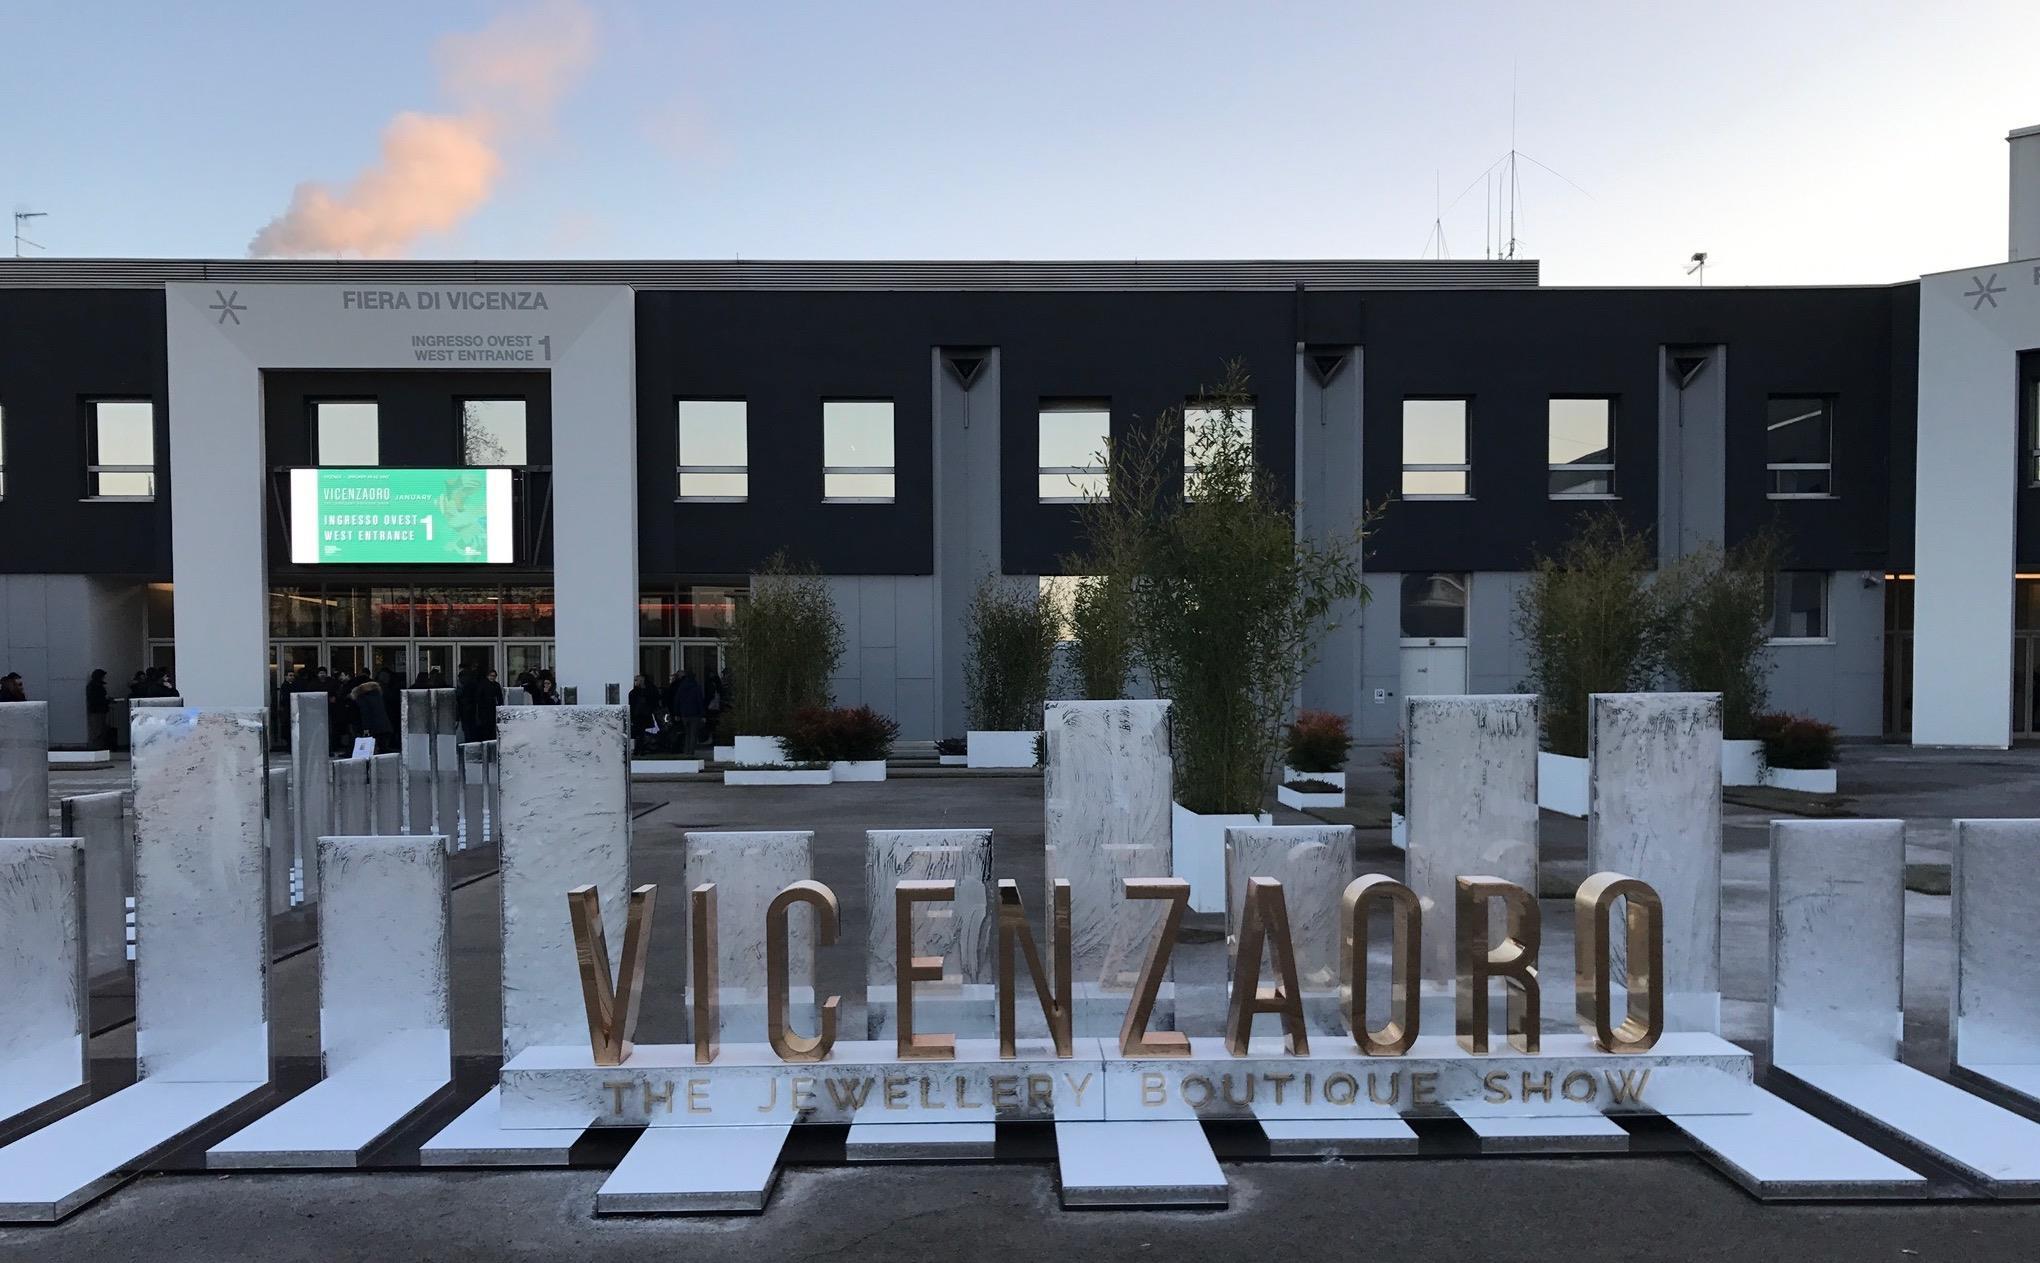 VicenzaOro